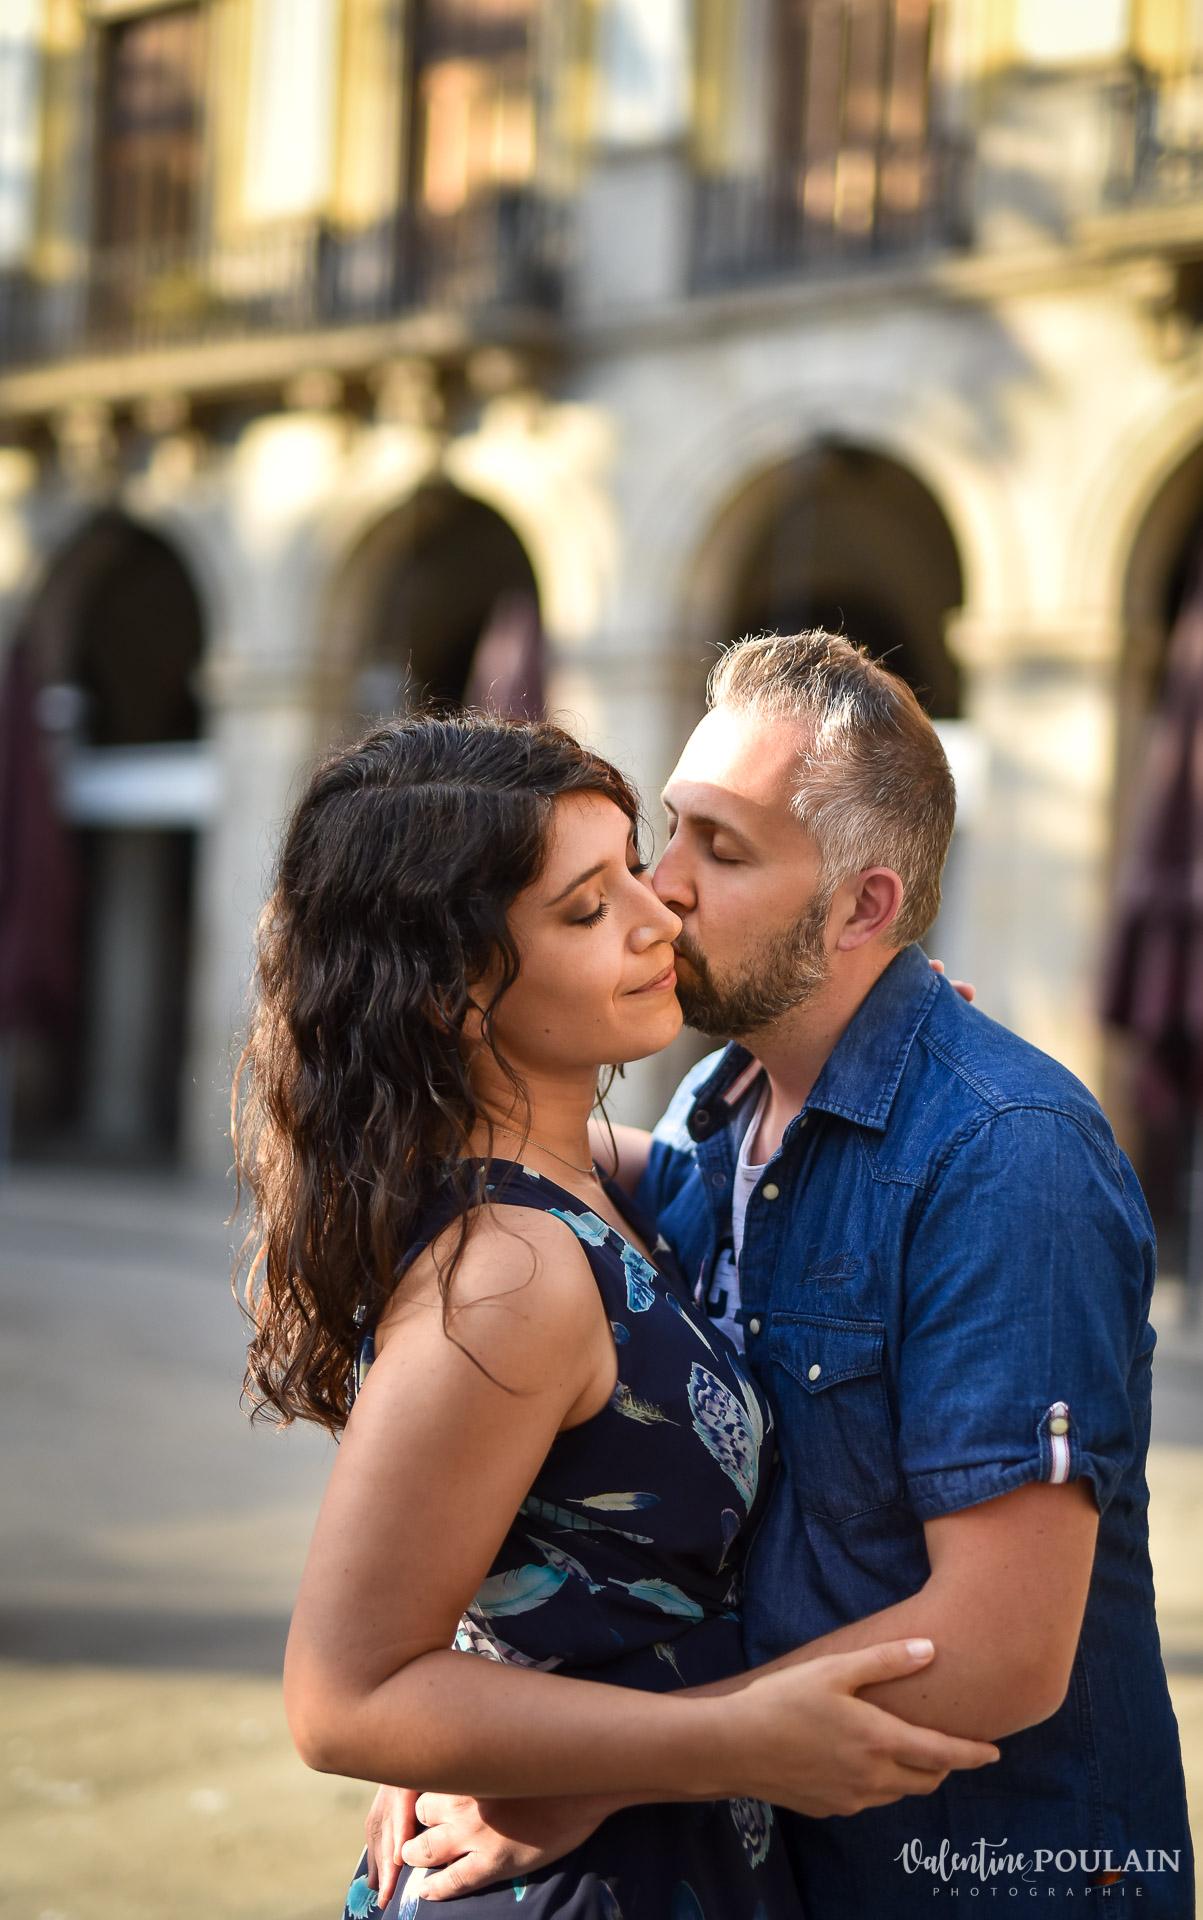 Séance photo couple Barcelone - Valentine Poulain place Royale